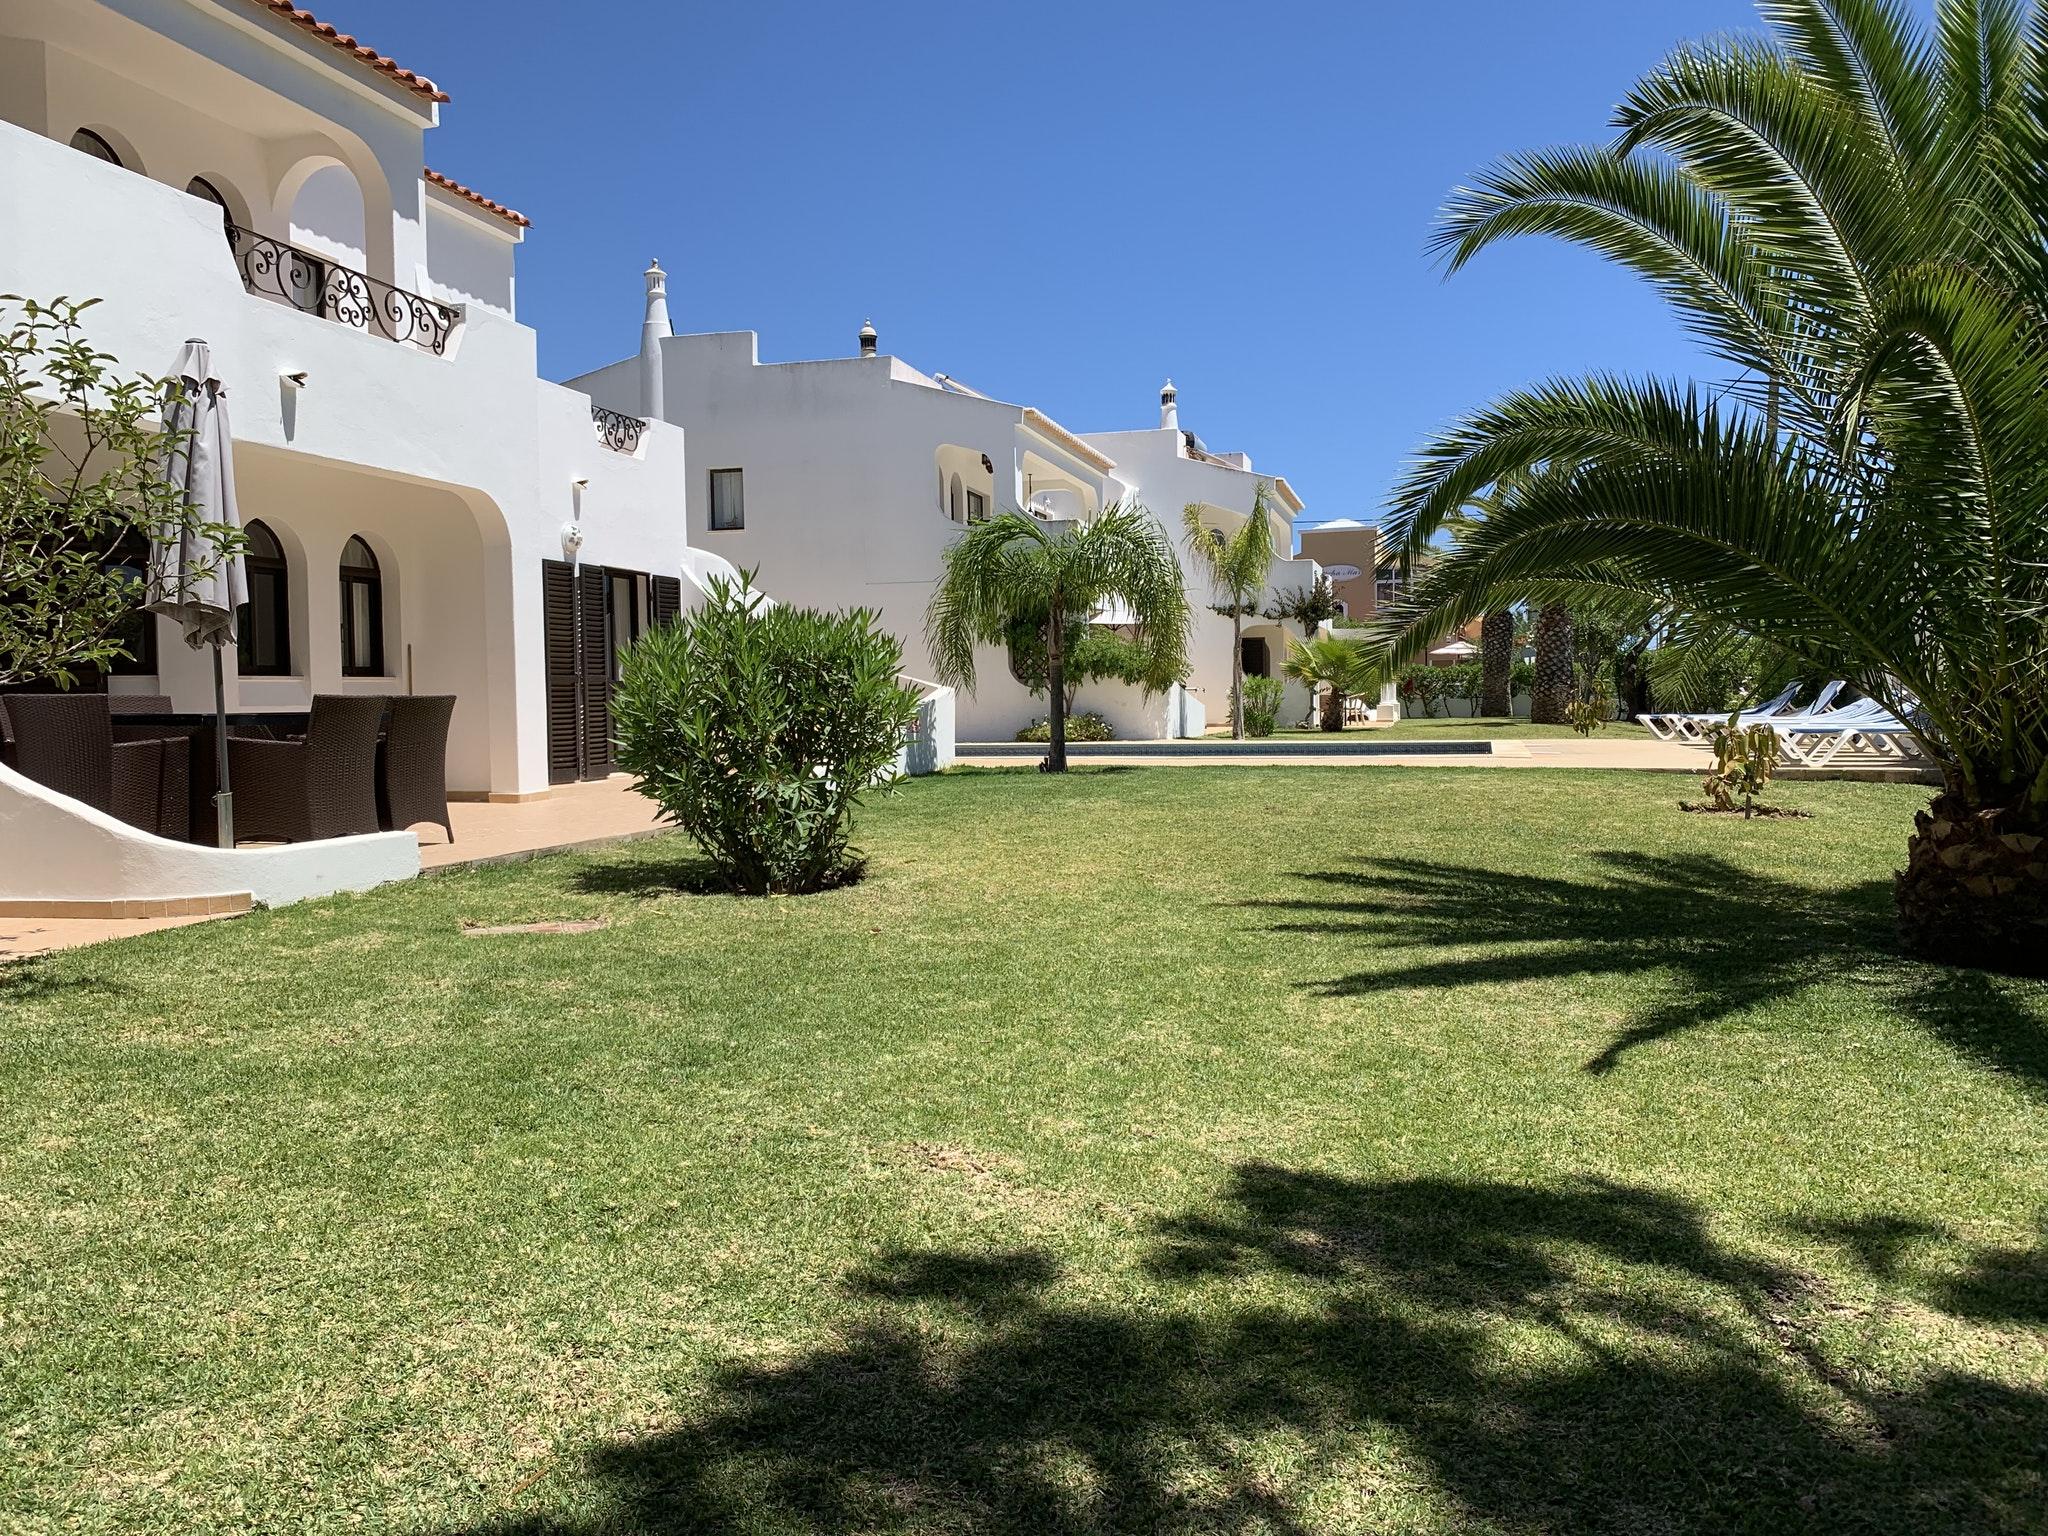 Ferienwohnung Wohnung mit 2 Schlafzimmern in Carvoeiro mit Pool, eingezäuntem Garten und W-LAN - 500 m v (2622212), Carvoeiro, , Algarve, Portugal, Bild 14